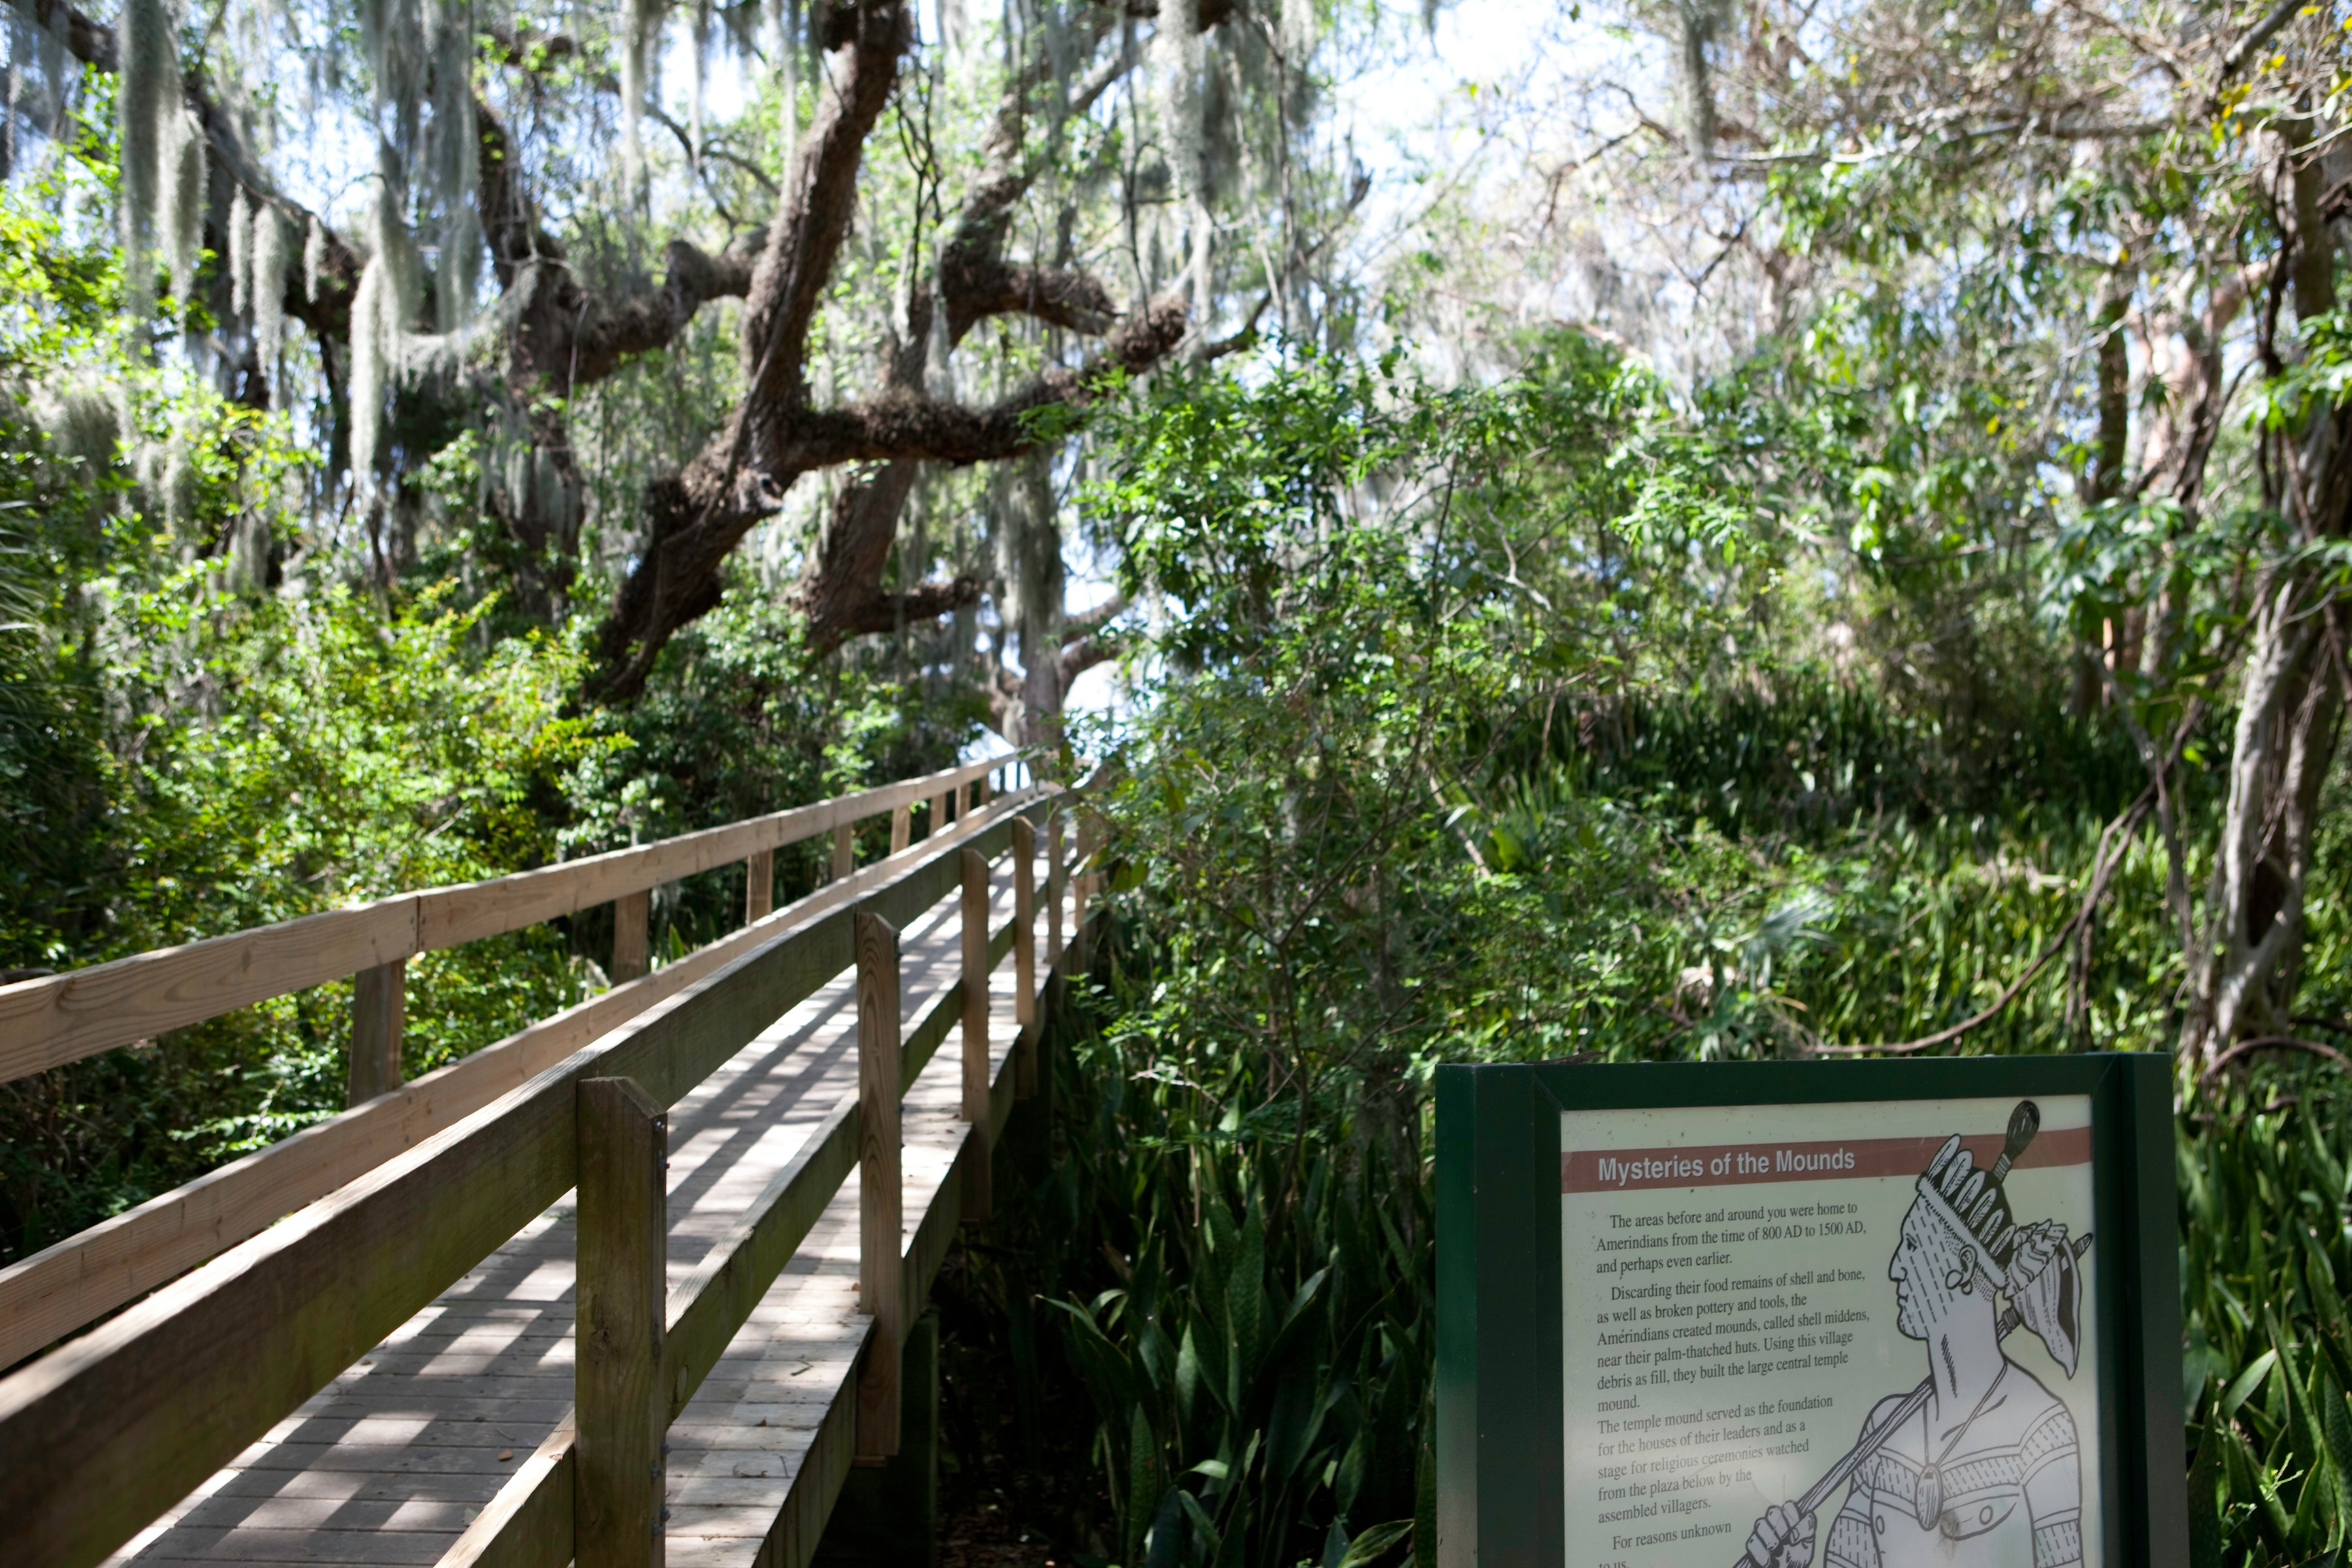 Emerson Point Trail